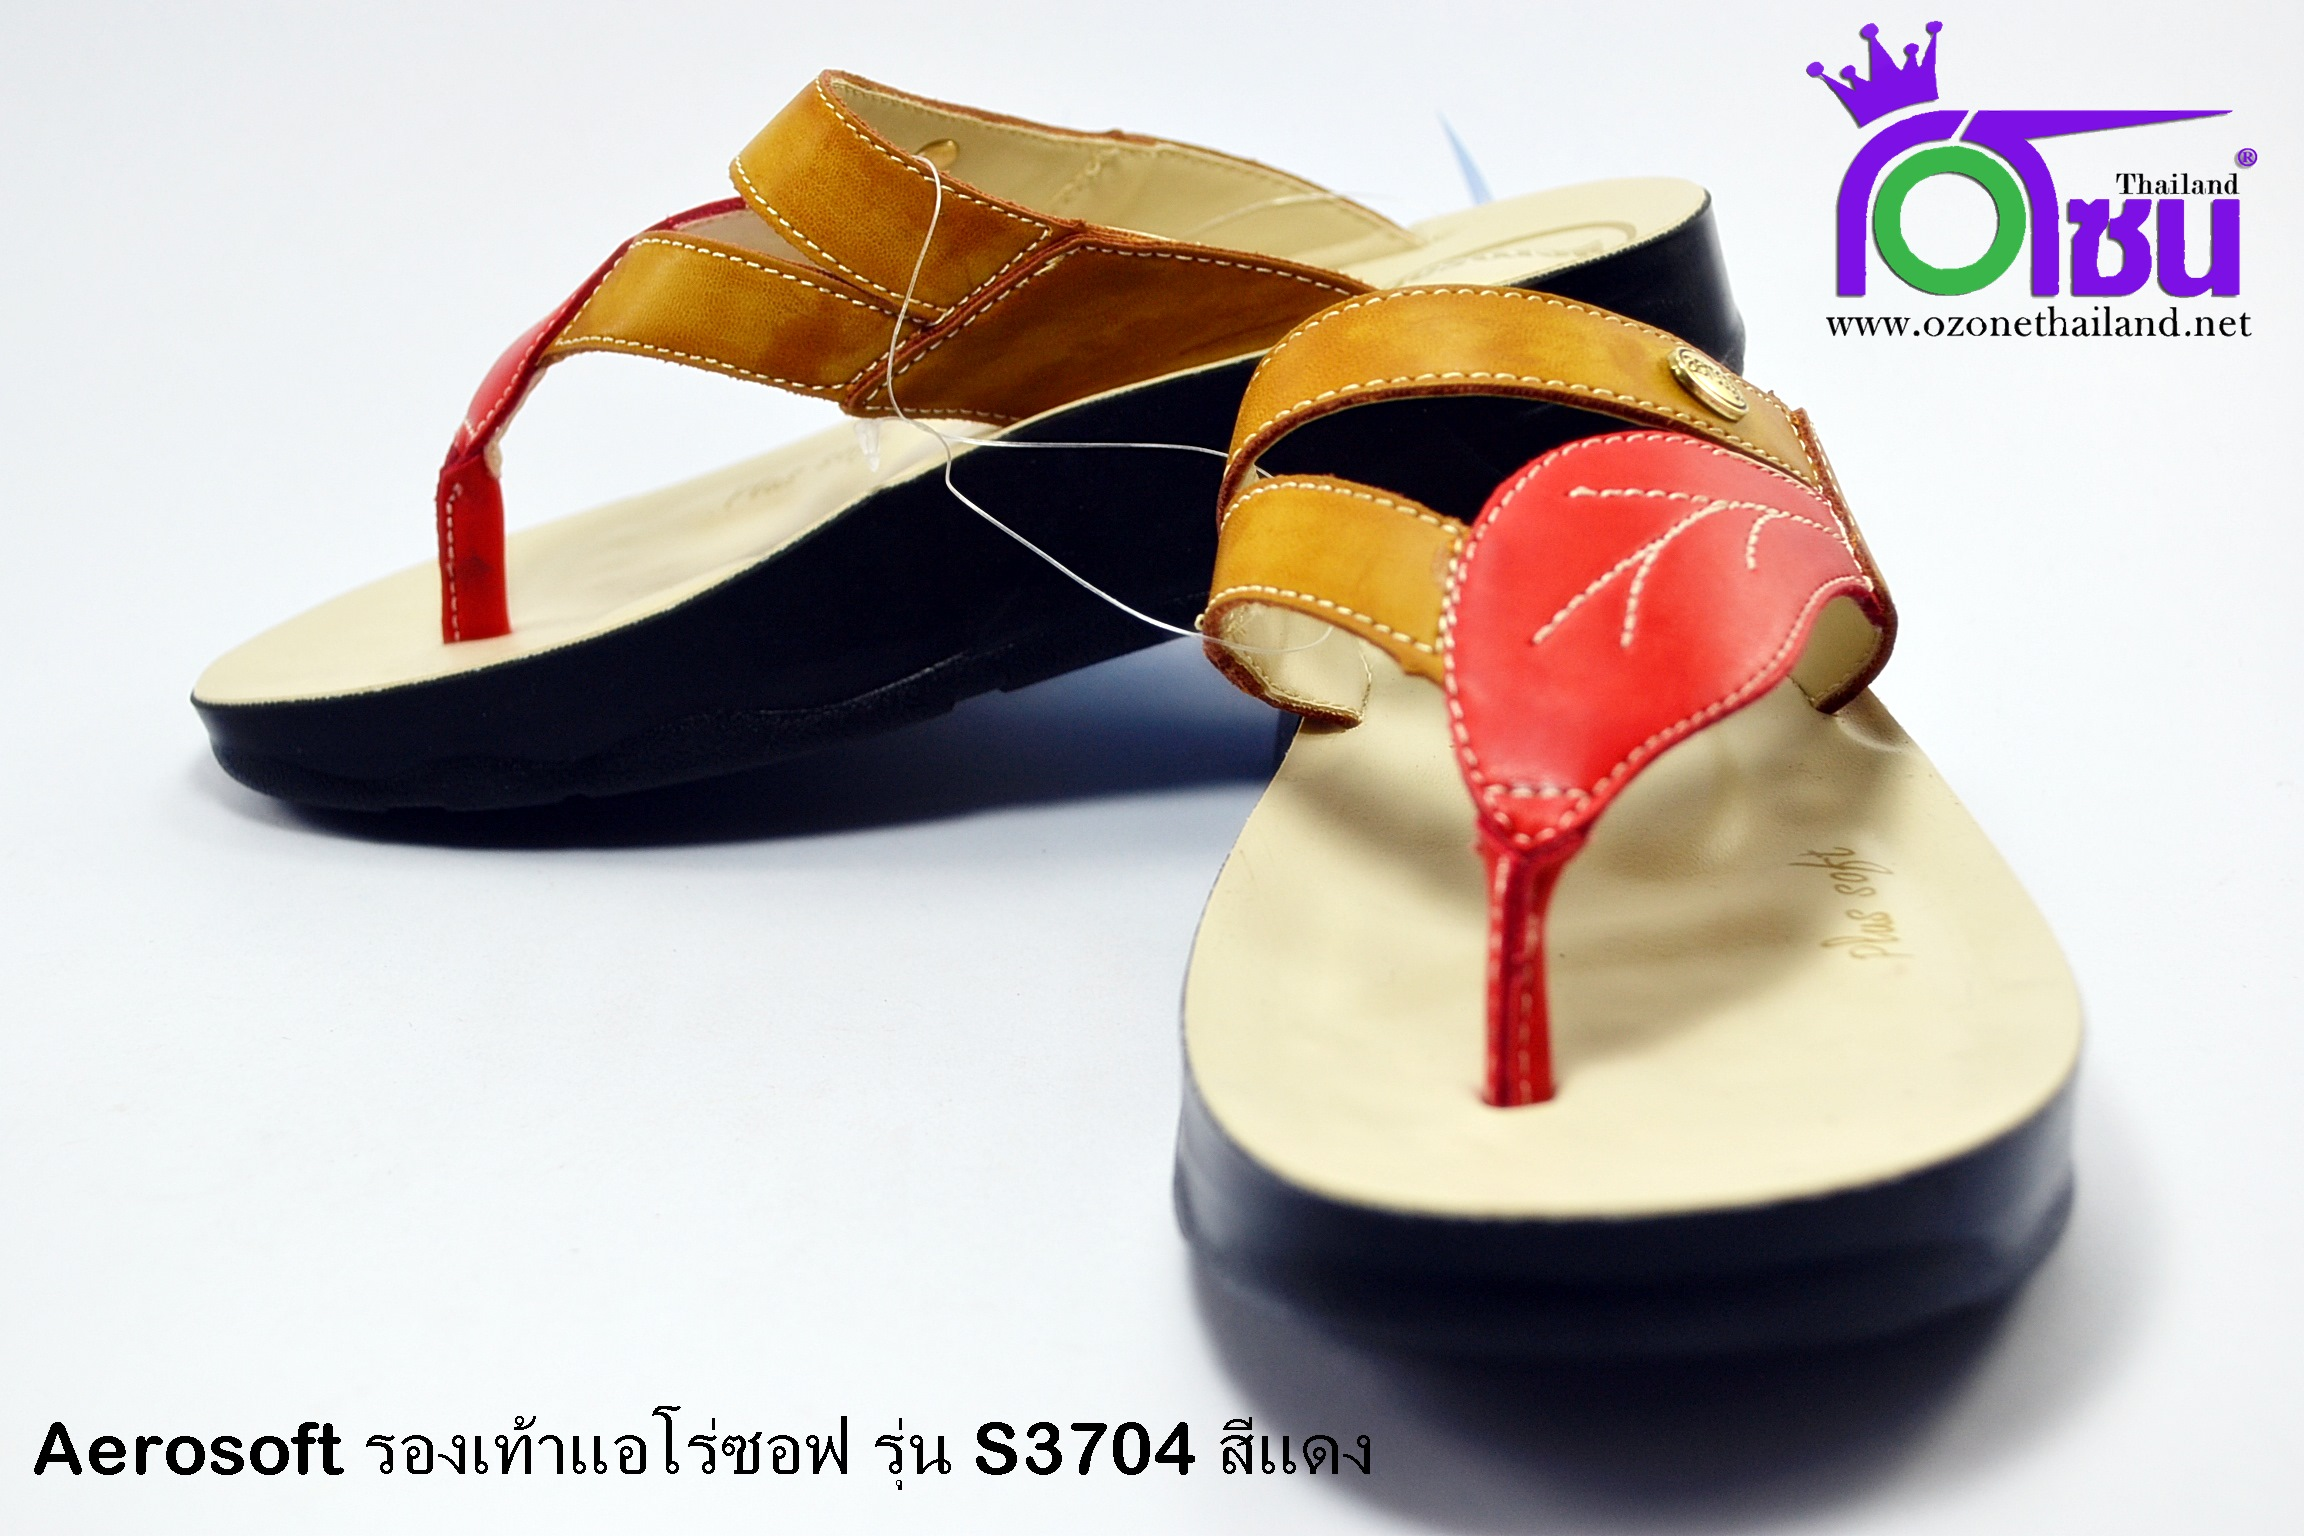 รองเท้าสุขภาพ aerosoft แอโร่ซอฟ รุ่นs3704 สีแดง เบอร์35-41